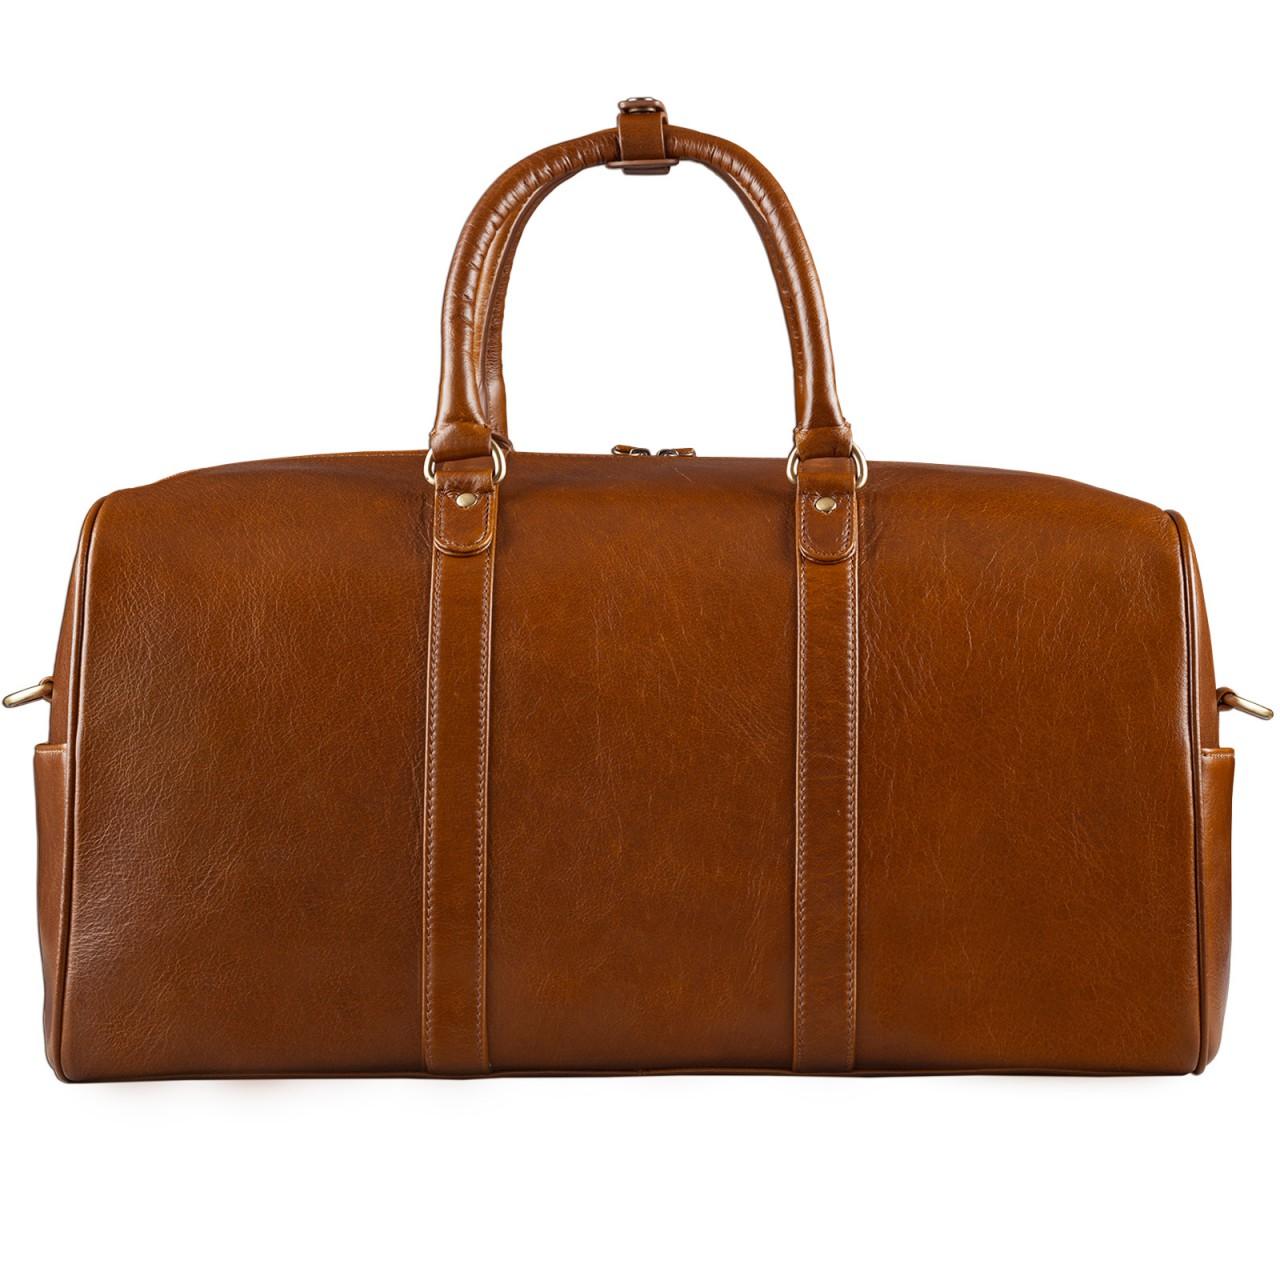 STILORD Große Vintage Reisetasche Business Urlaub Handgepäck für Herren und Damen, Weekender aus Leder cognac braun - Bild 4